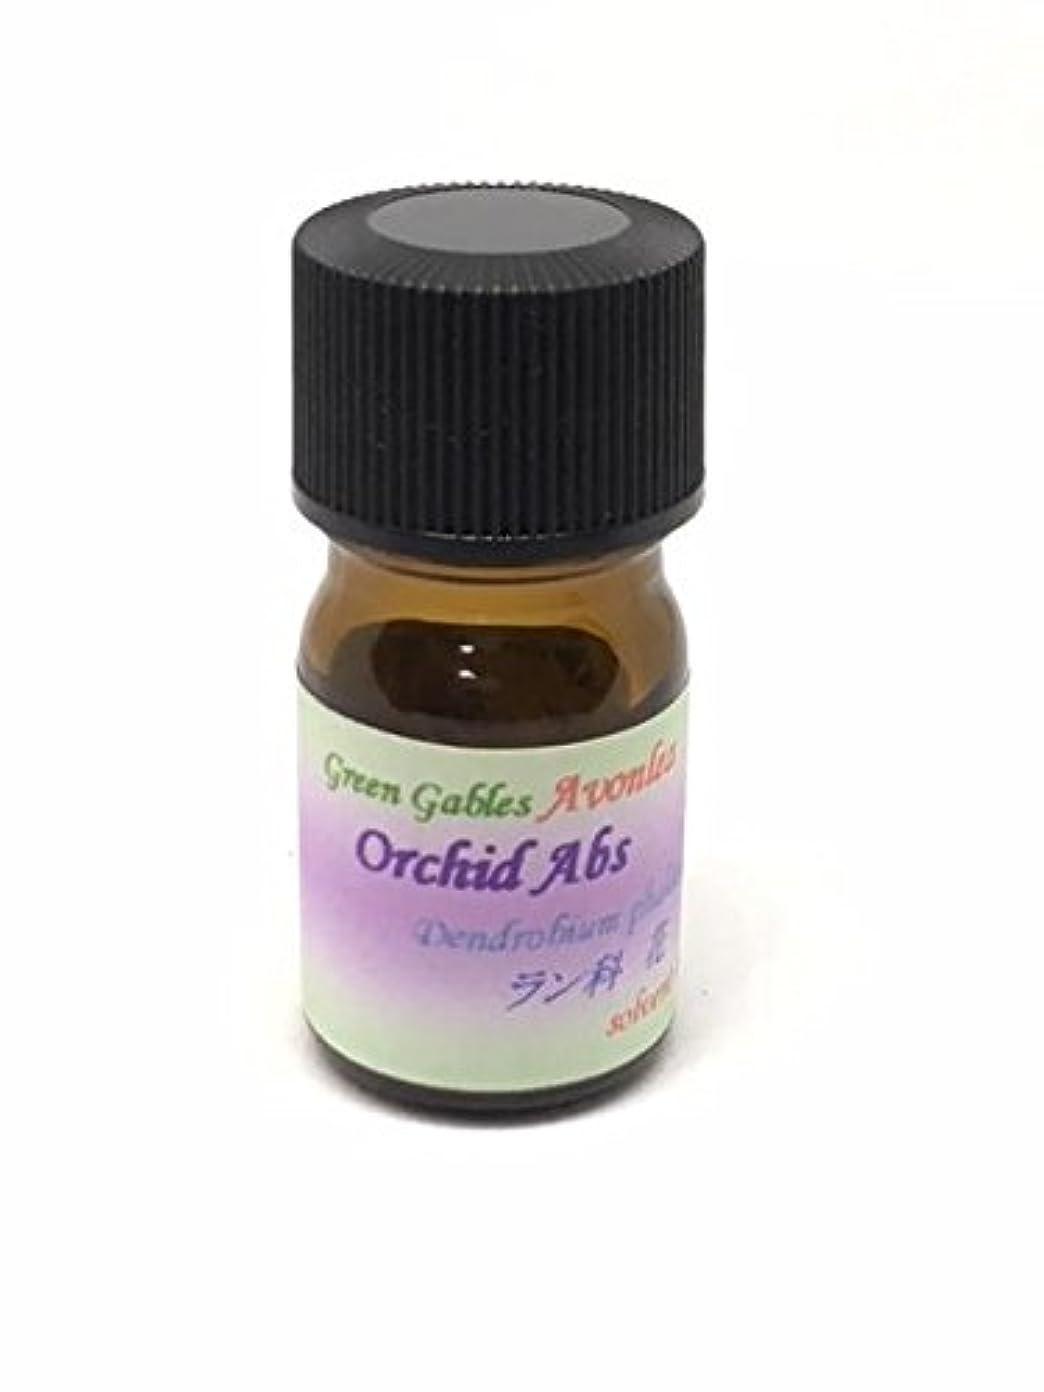 収束する百万刺繍令和の花オーキッドAbs100%ピュアエッセンシャルオイル 蘭花の精油 OrchidAbs (5ml)